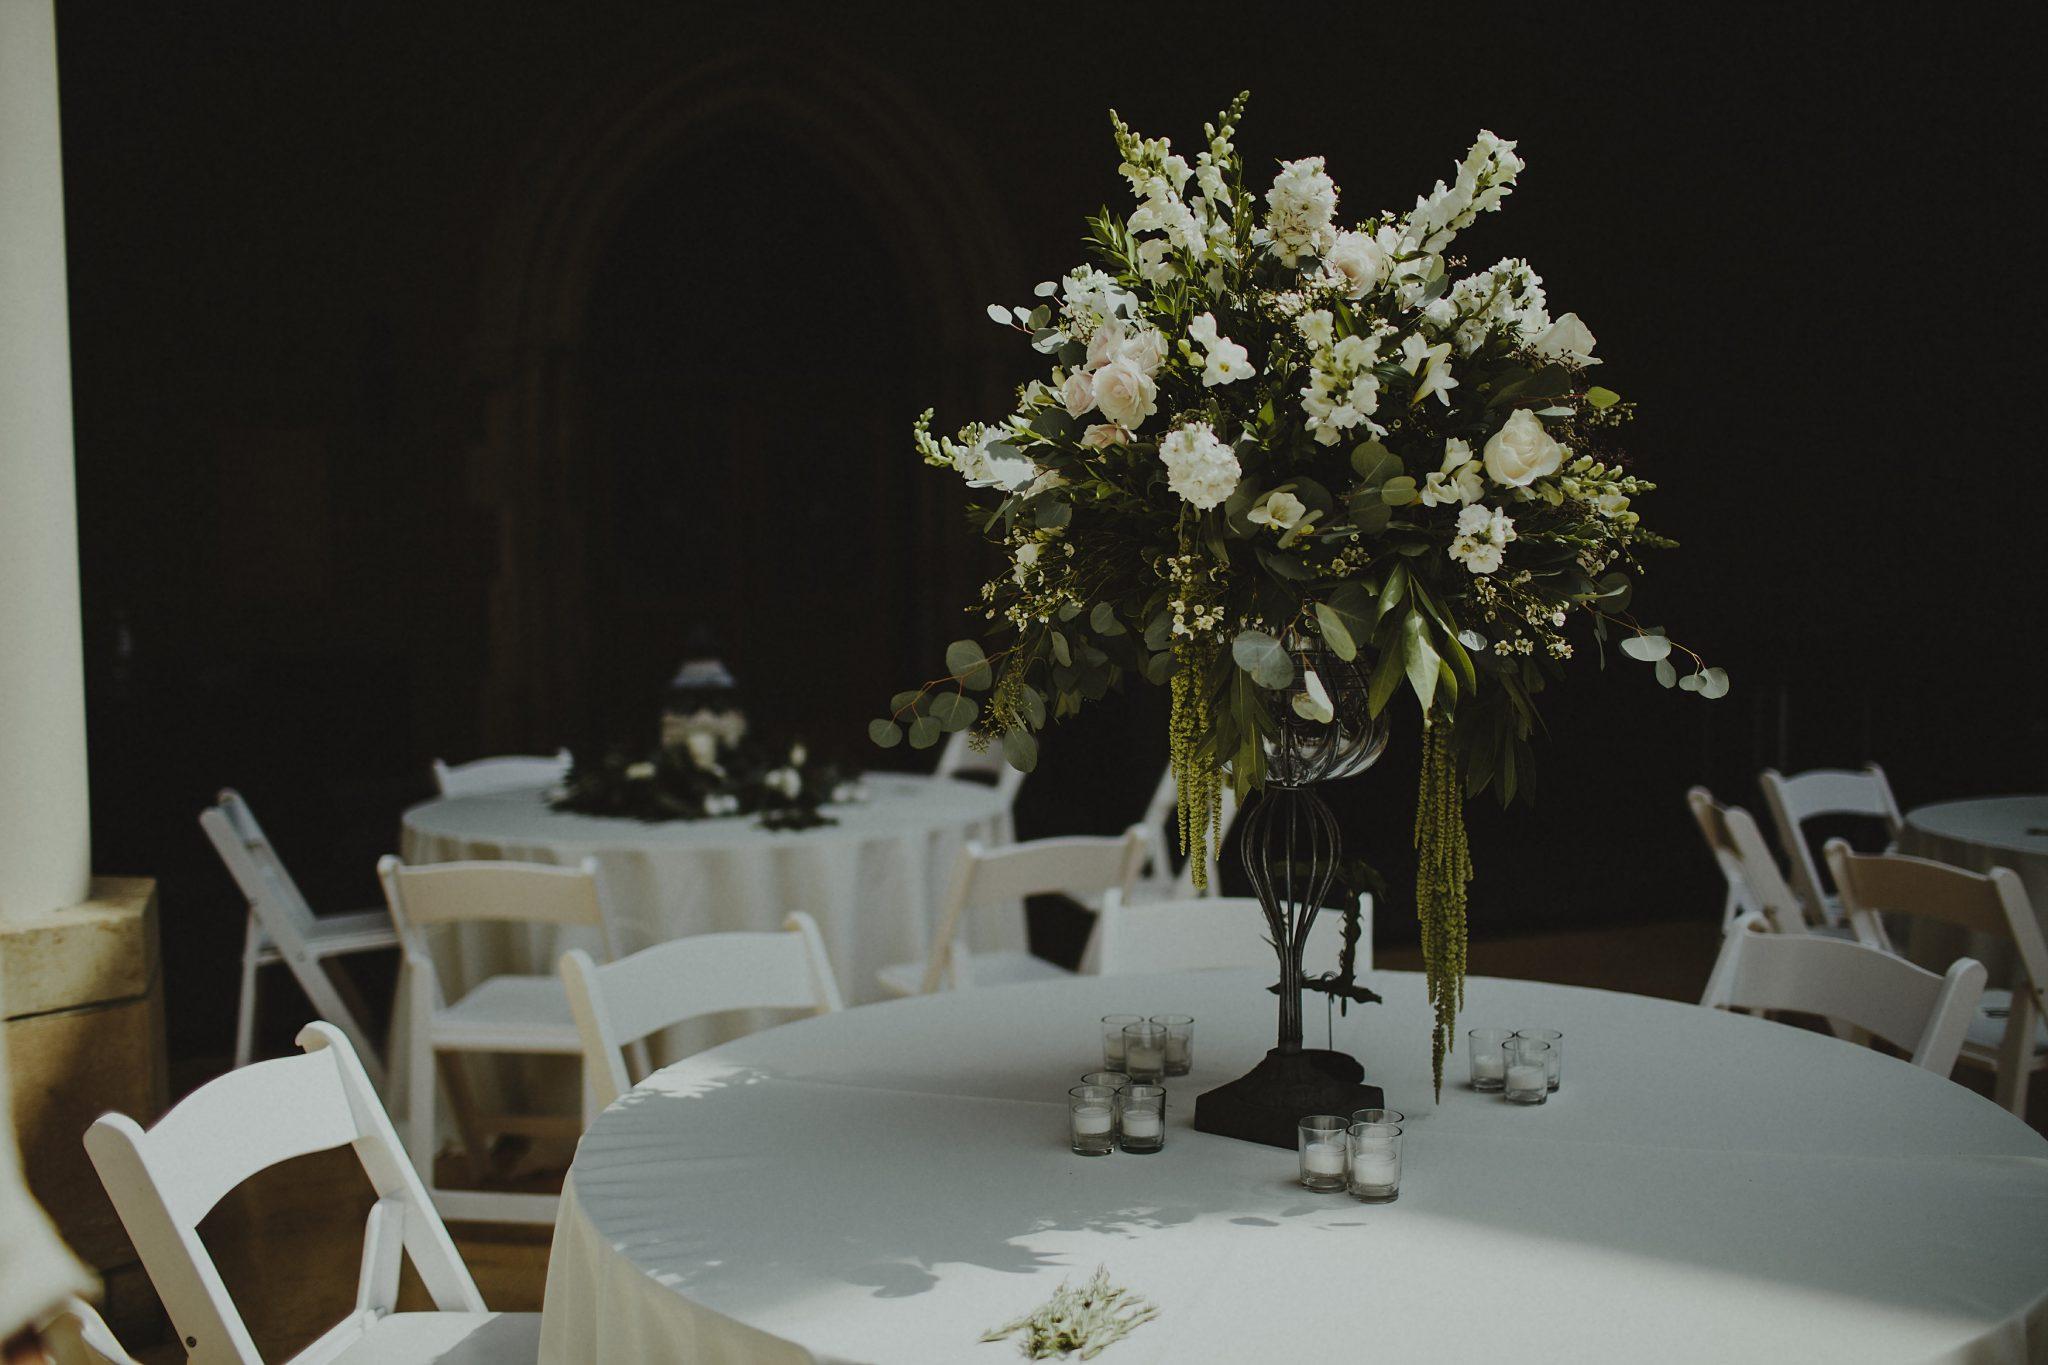 Dayton Art Institute wedding